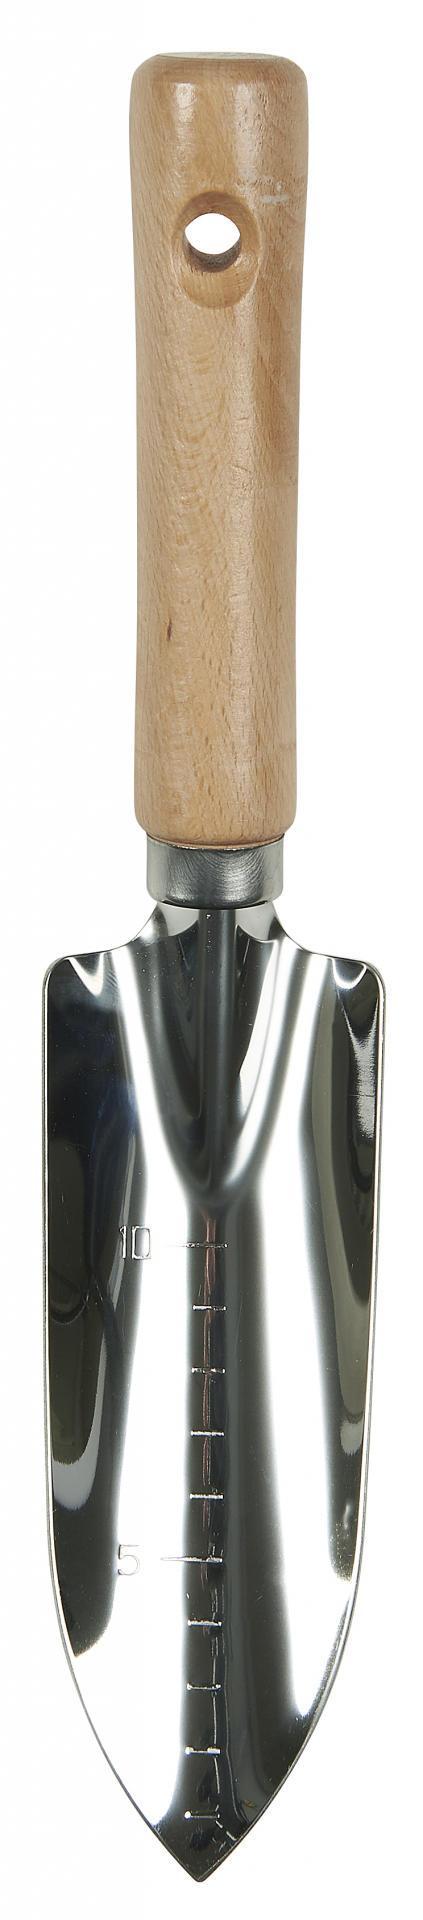 IB LAURSEN Mini zahradní lopatka - úzká, přírodní barva, dřevo, kov